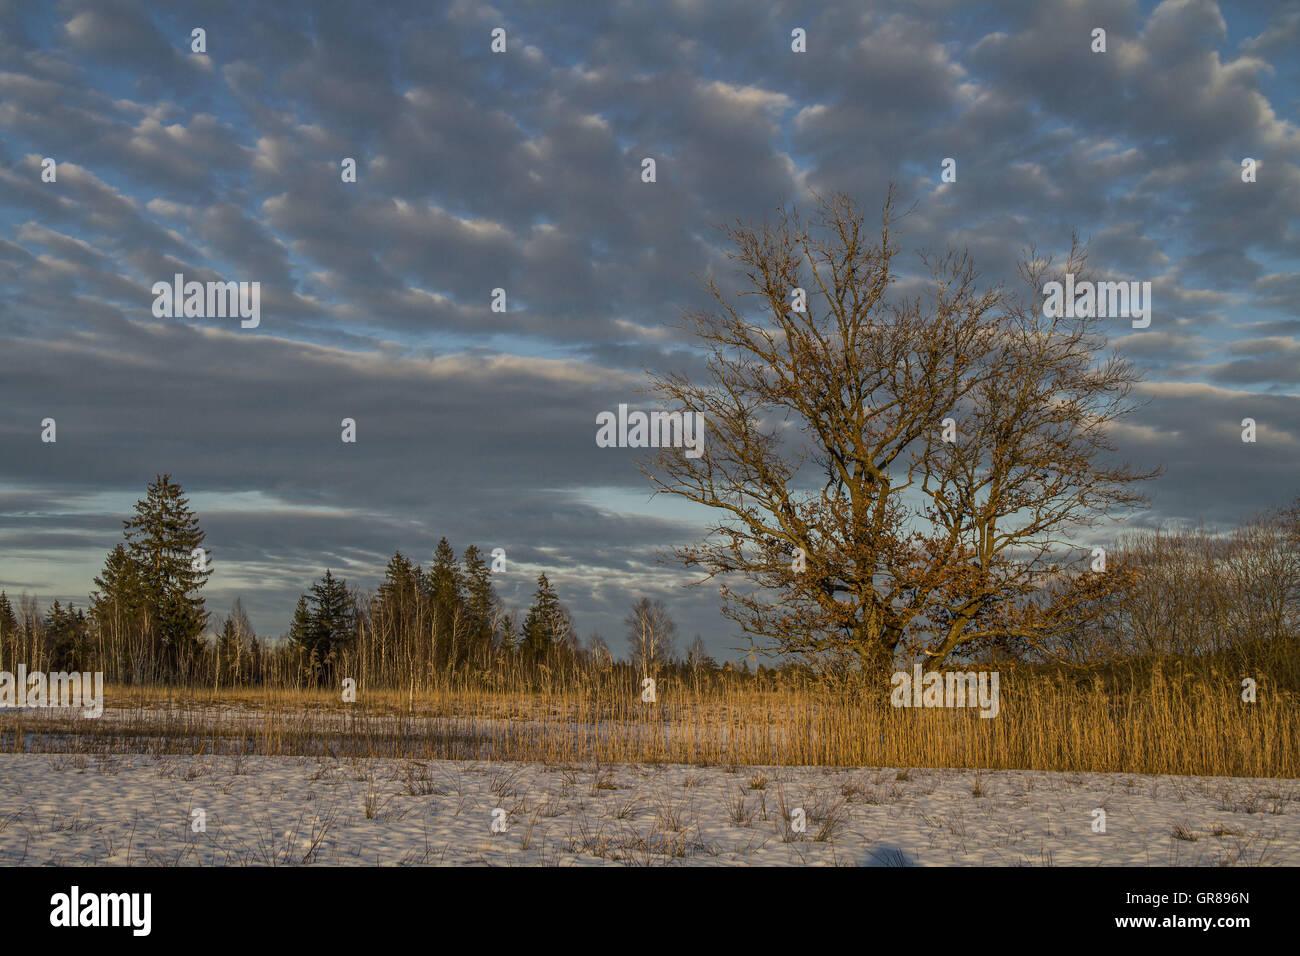 Eine Idyllische Moorlandschaft Im Voralpenland Bei Bad Tölz - Stock Image